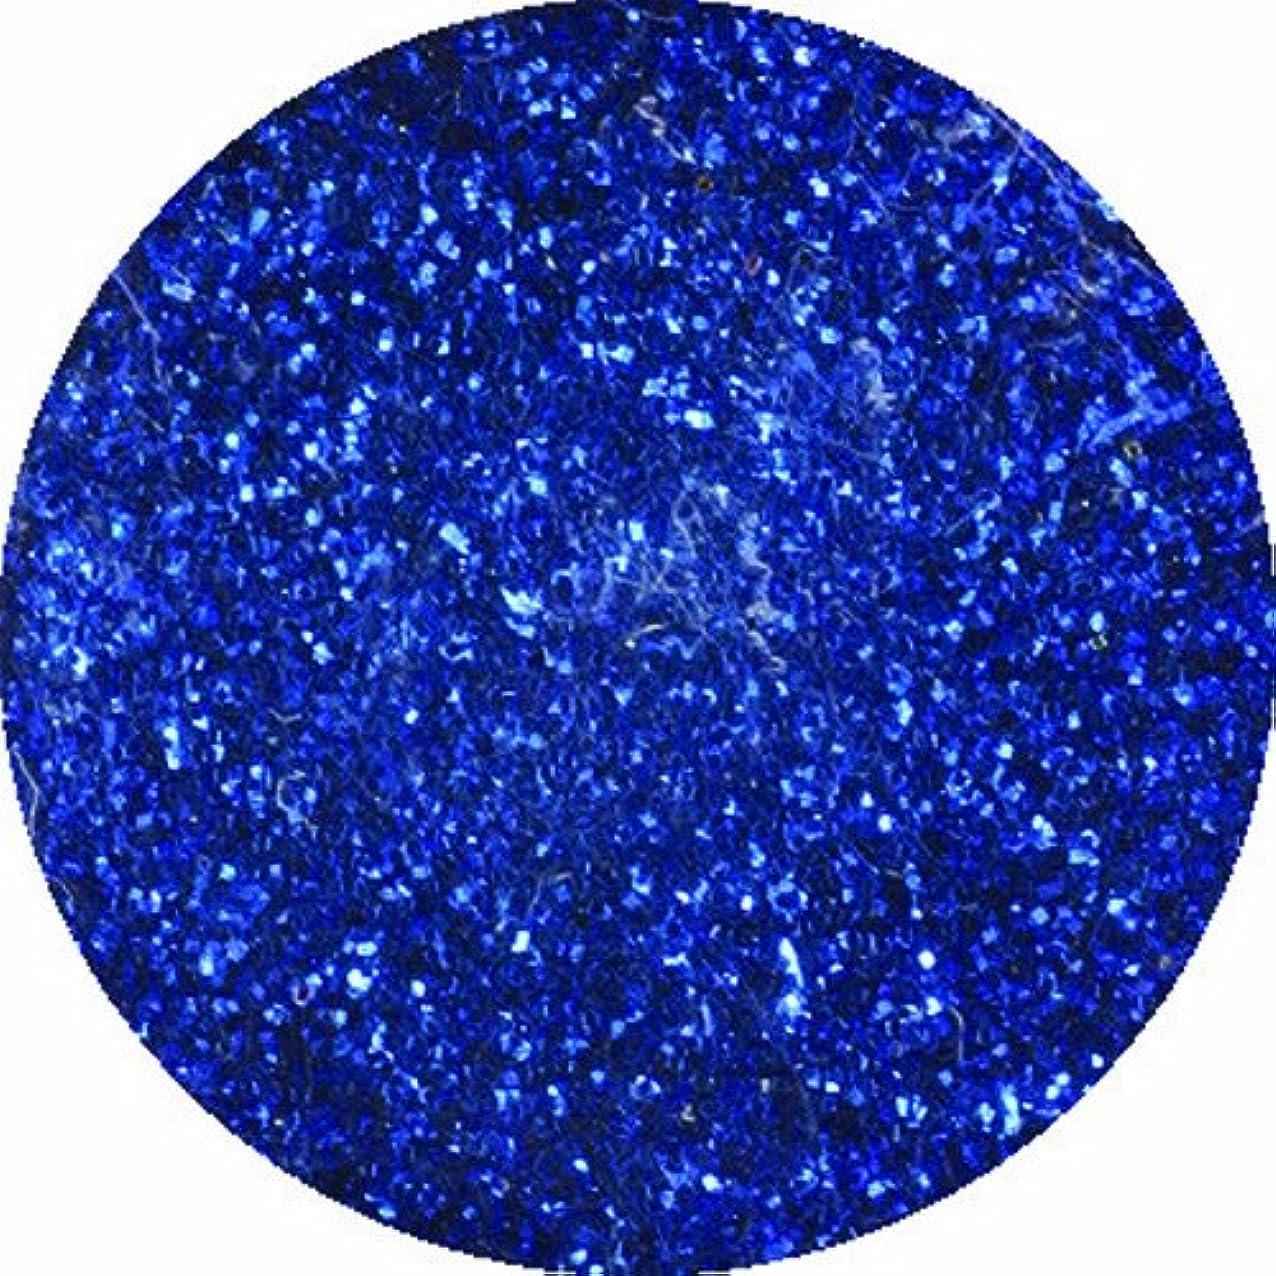 広まった申し立てる蓮ビューティーネイラー ネイル用パウダー 黒崎えり子 ジュエリーコレクション ブルー0.05mm